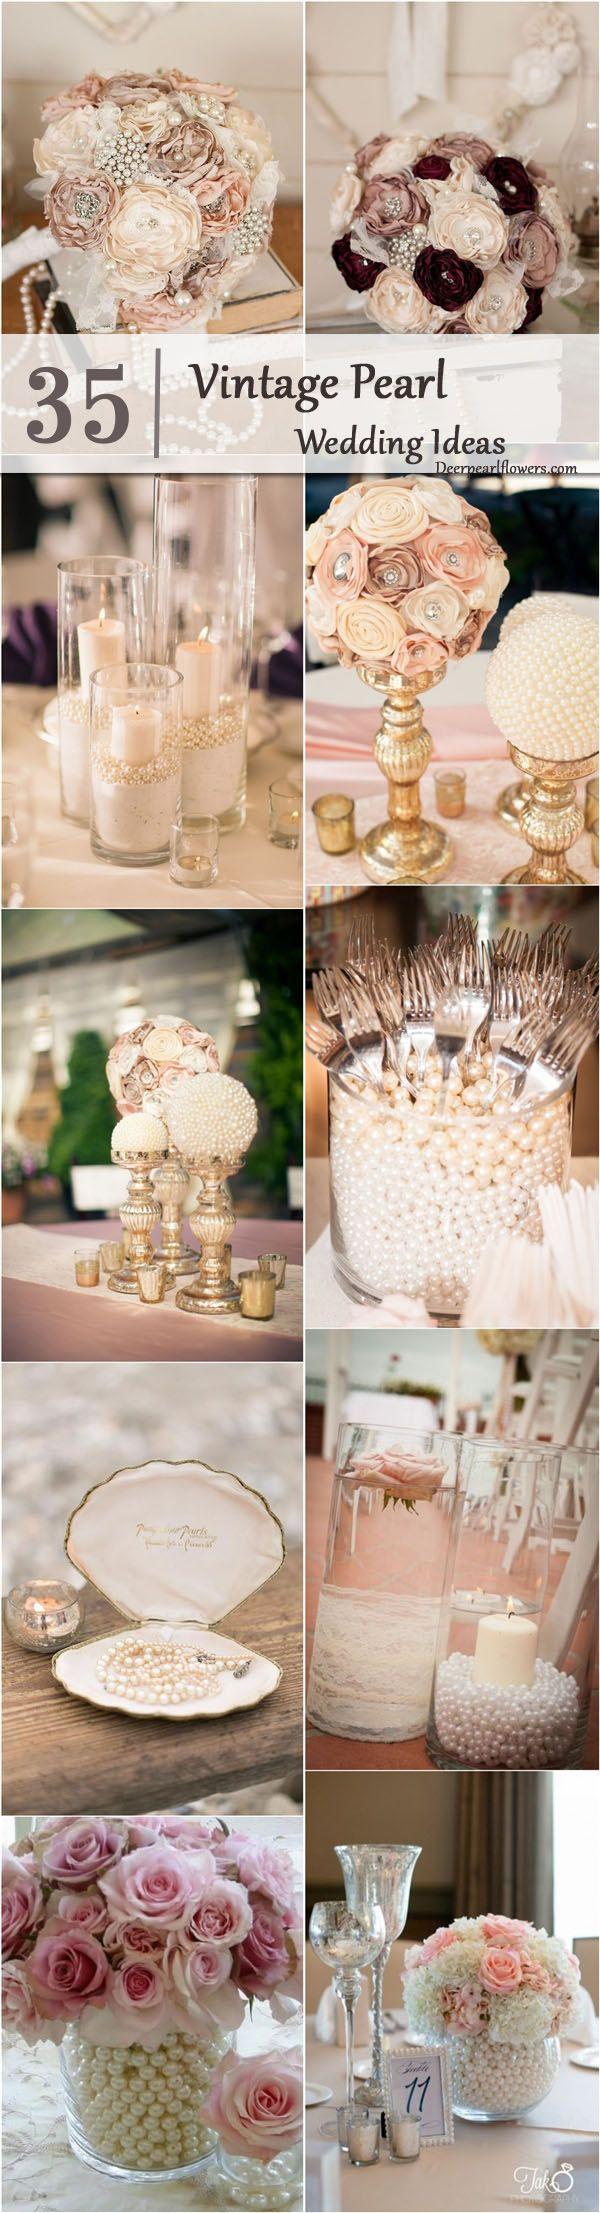 Vintage Pearls Wedding Ideas And Themes Deerpearlflowers Pearl 2